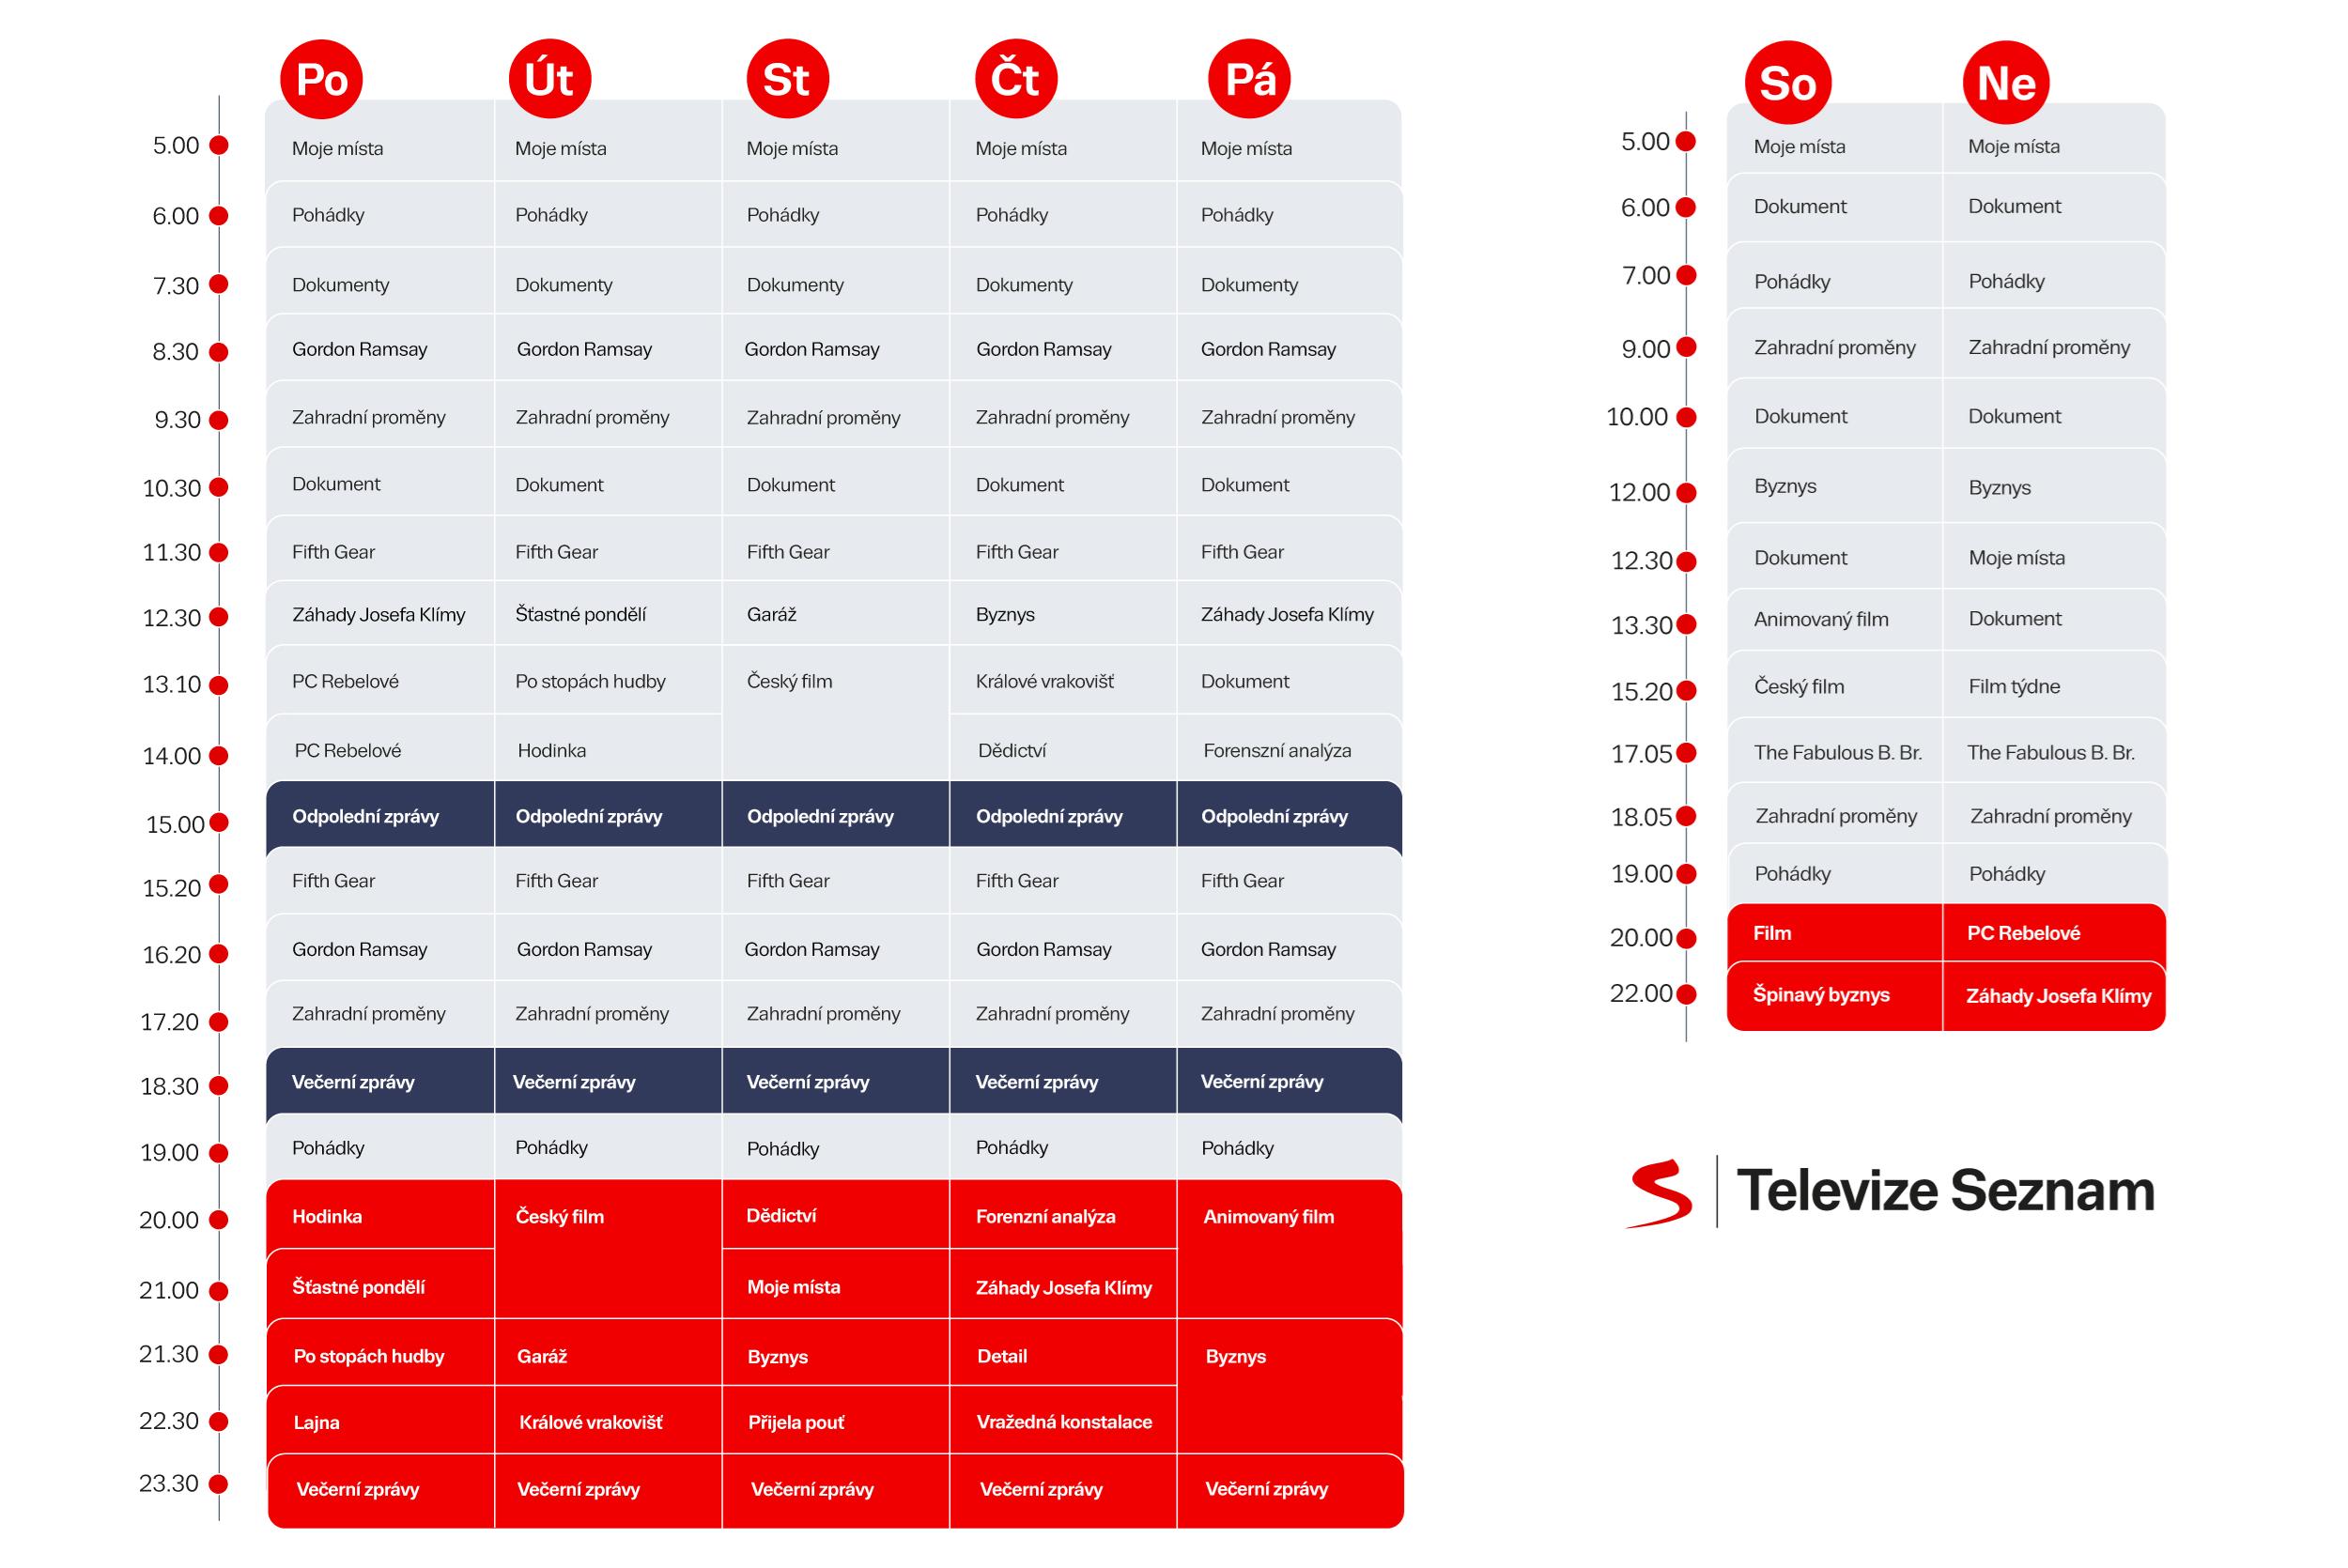 Programové schéma Televize Seznam na podzim 2020